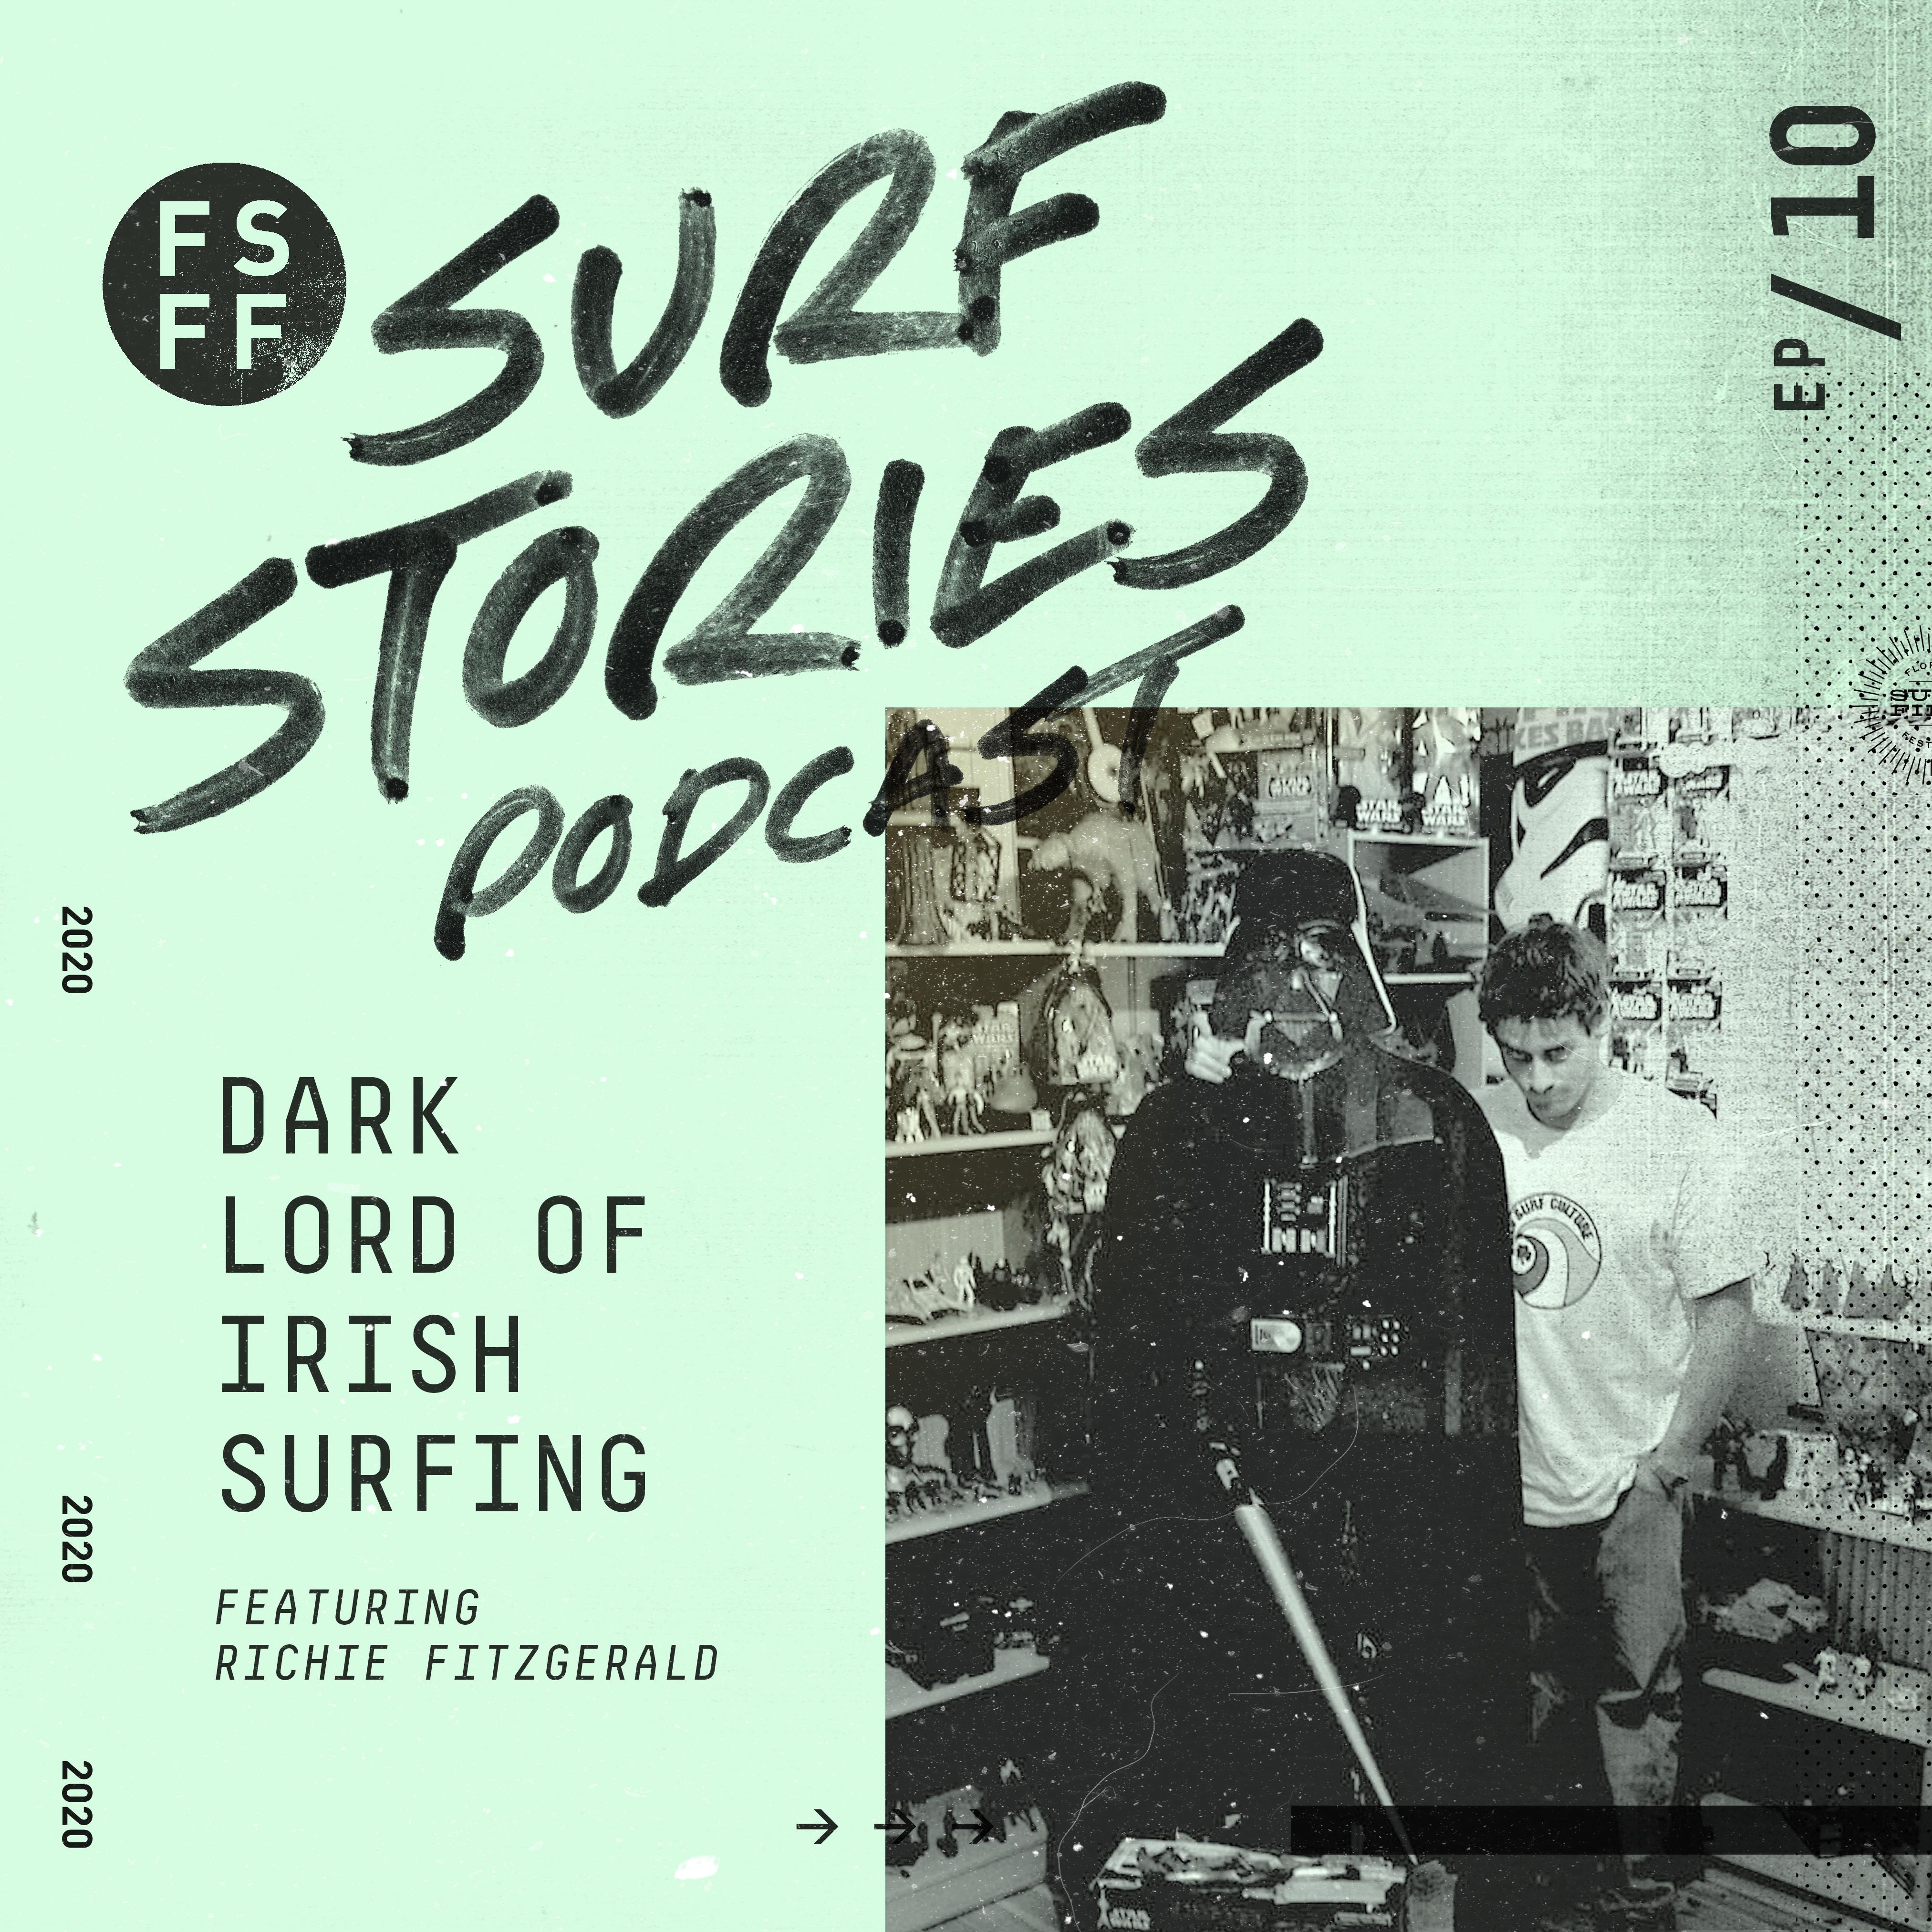 Dark Lord of Irish Surfing with Richie Fitzgerald